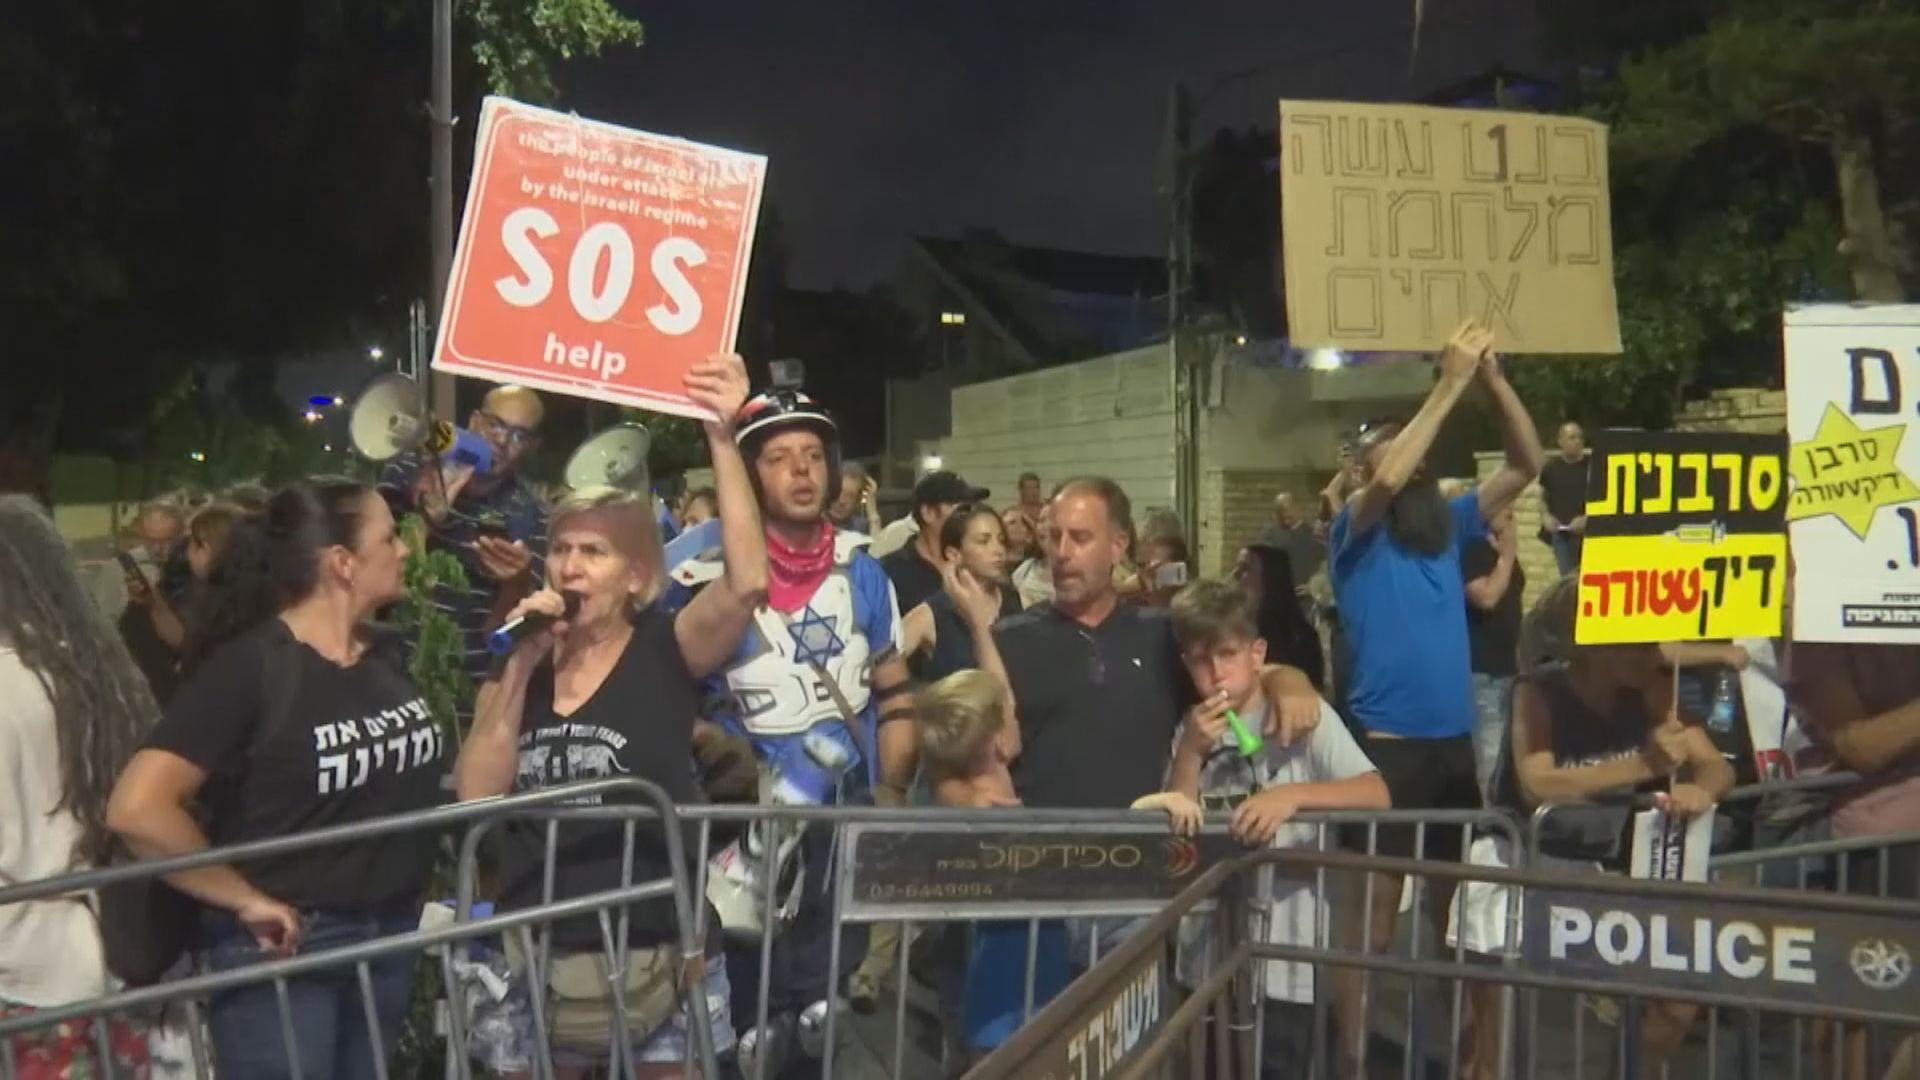 以色列民眾抗議總理「谷針」言論無視國民選擇權利